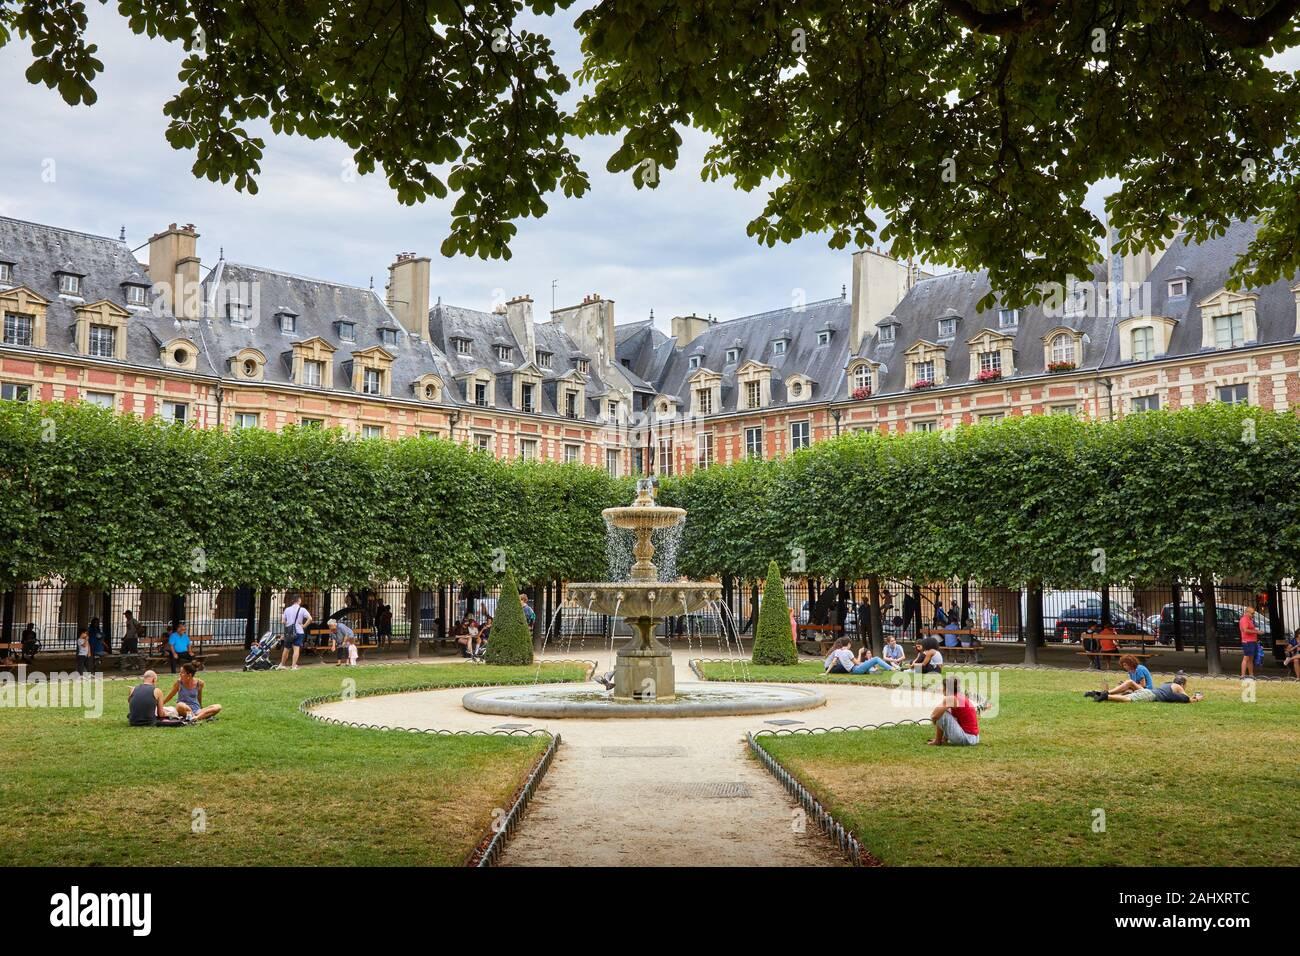 Place des Vosges square, Paris, France Stock Photo